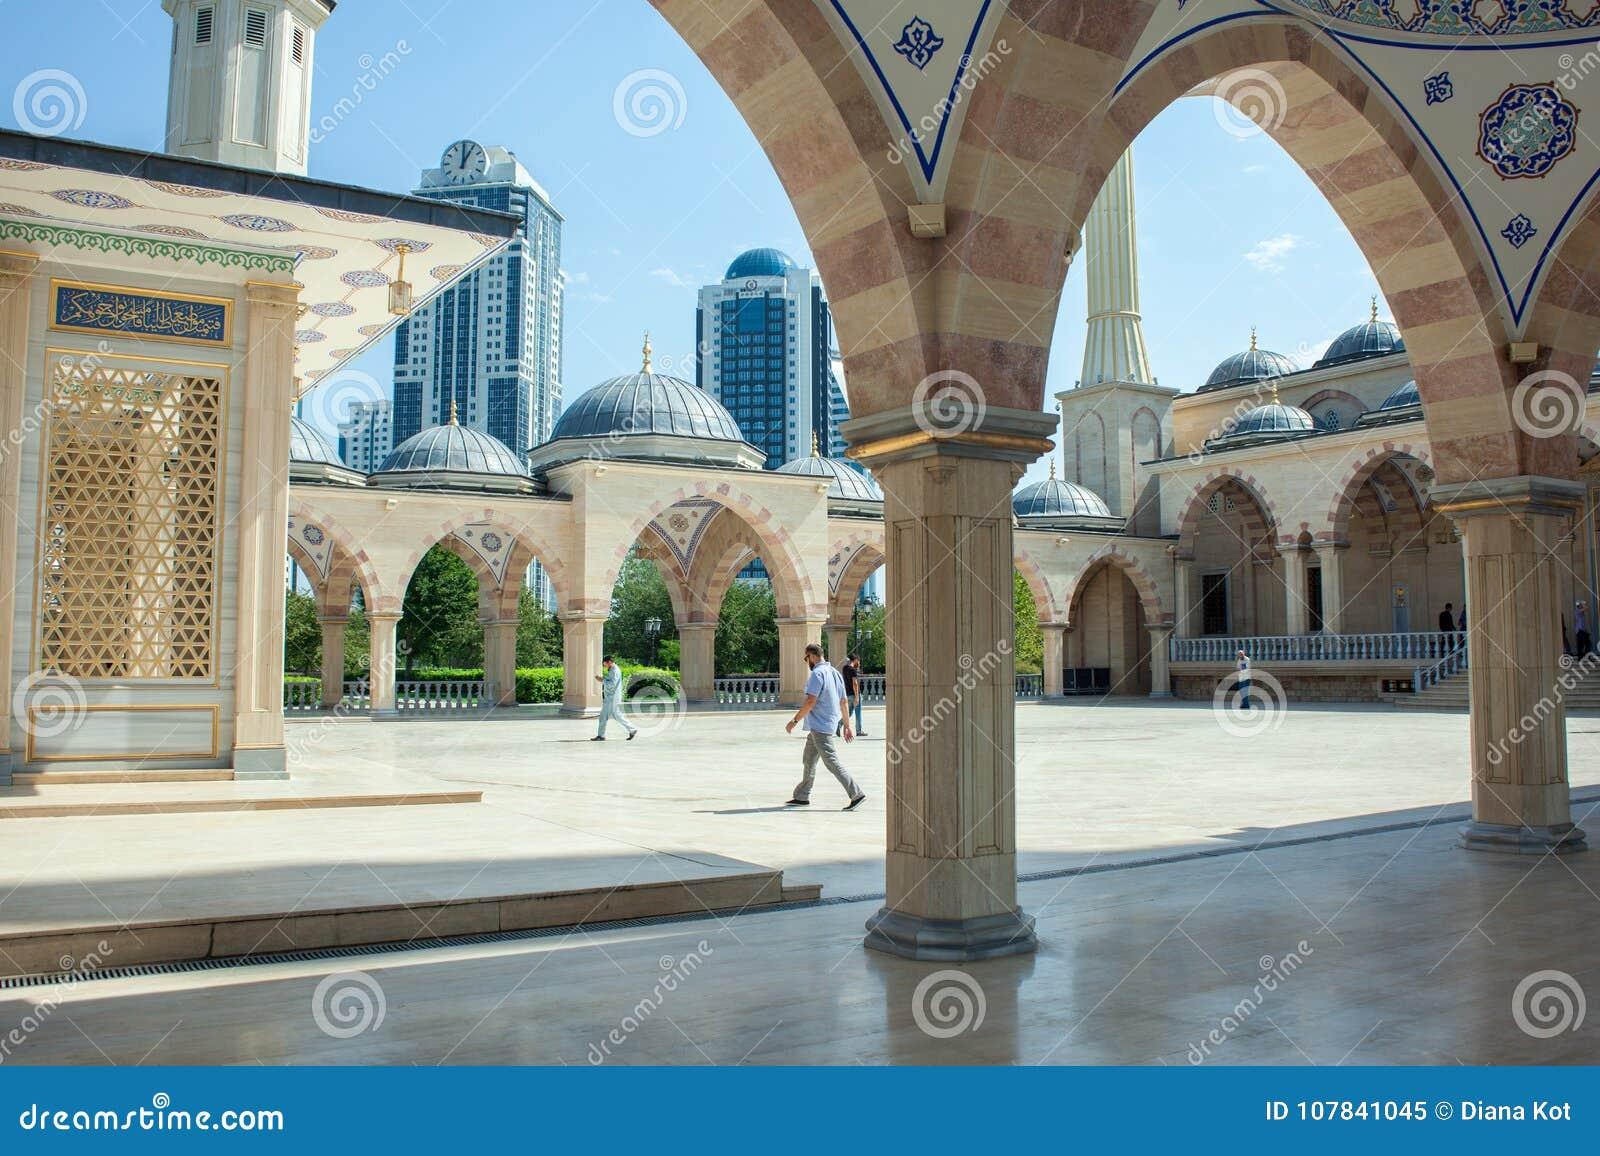 Ρωσία Τσετσένια Δημοκρατία Πόλη του Γκρόζνυ 1 Σεπτεμβρίου 2017